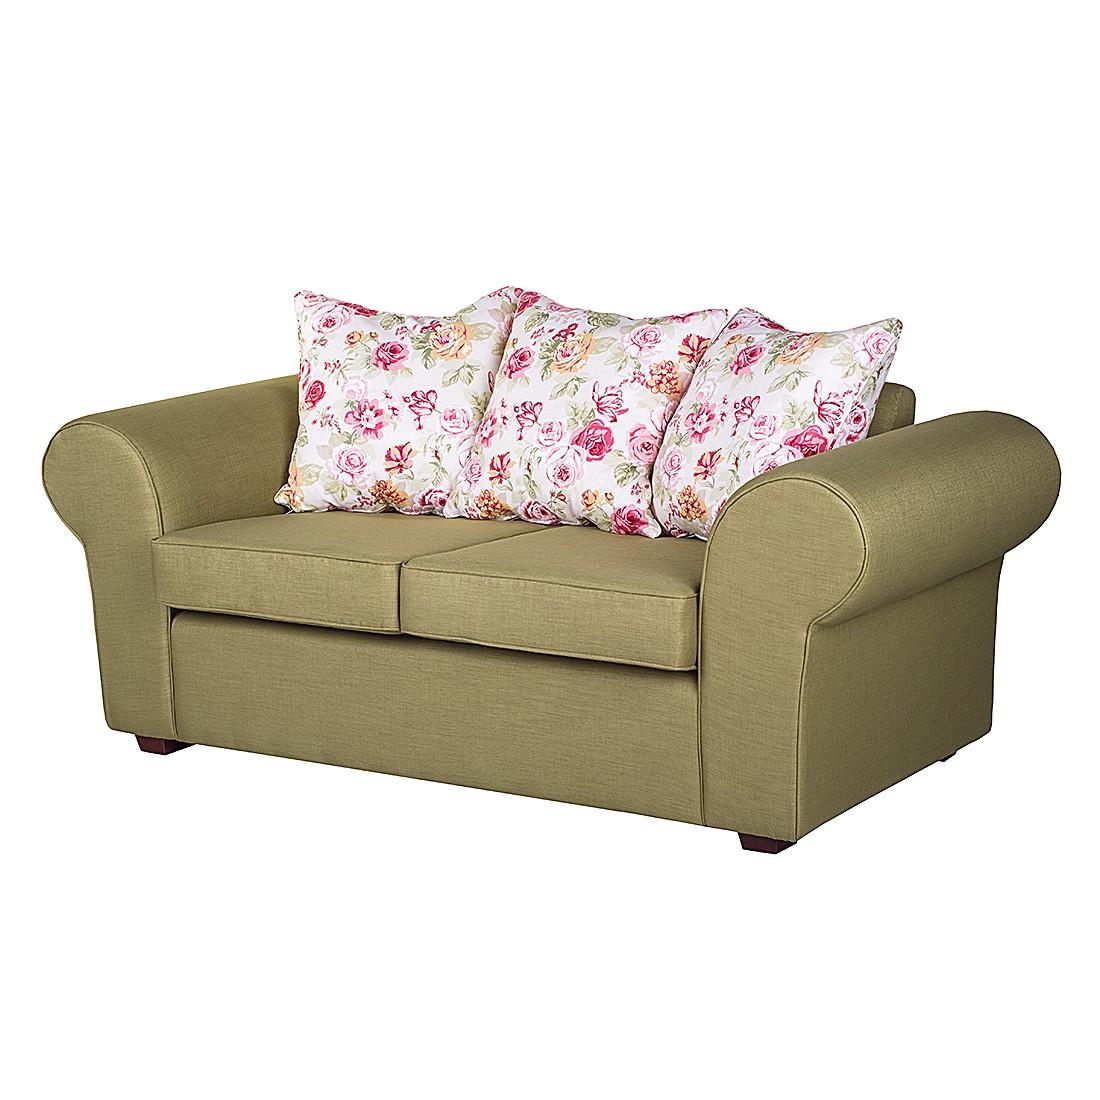 Sofa Colmar (2-Sitzer) – Grün / Pink, Jack & Alice günstig kaufen